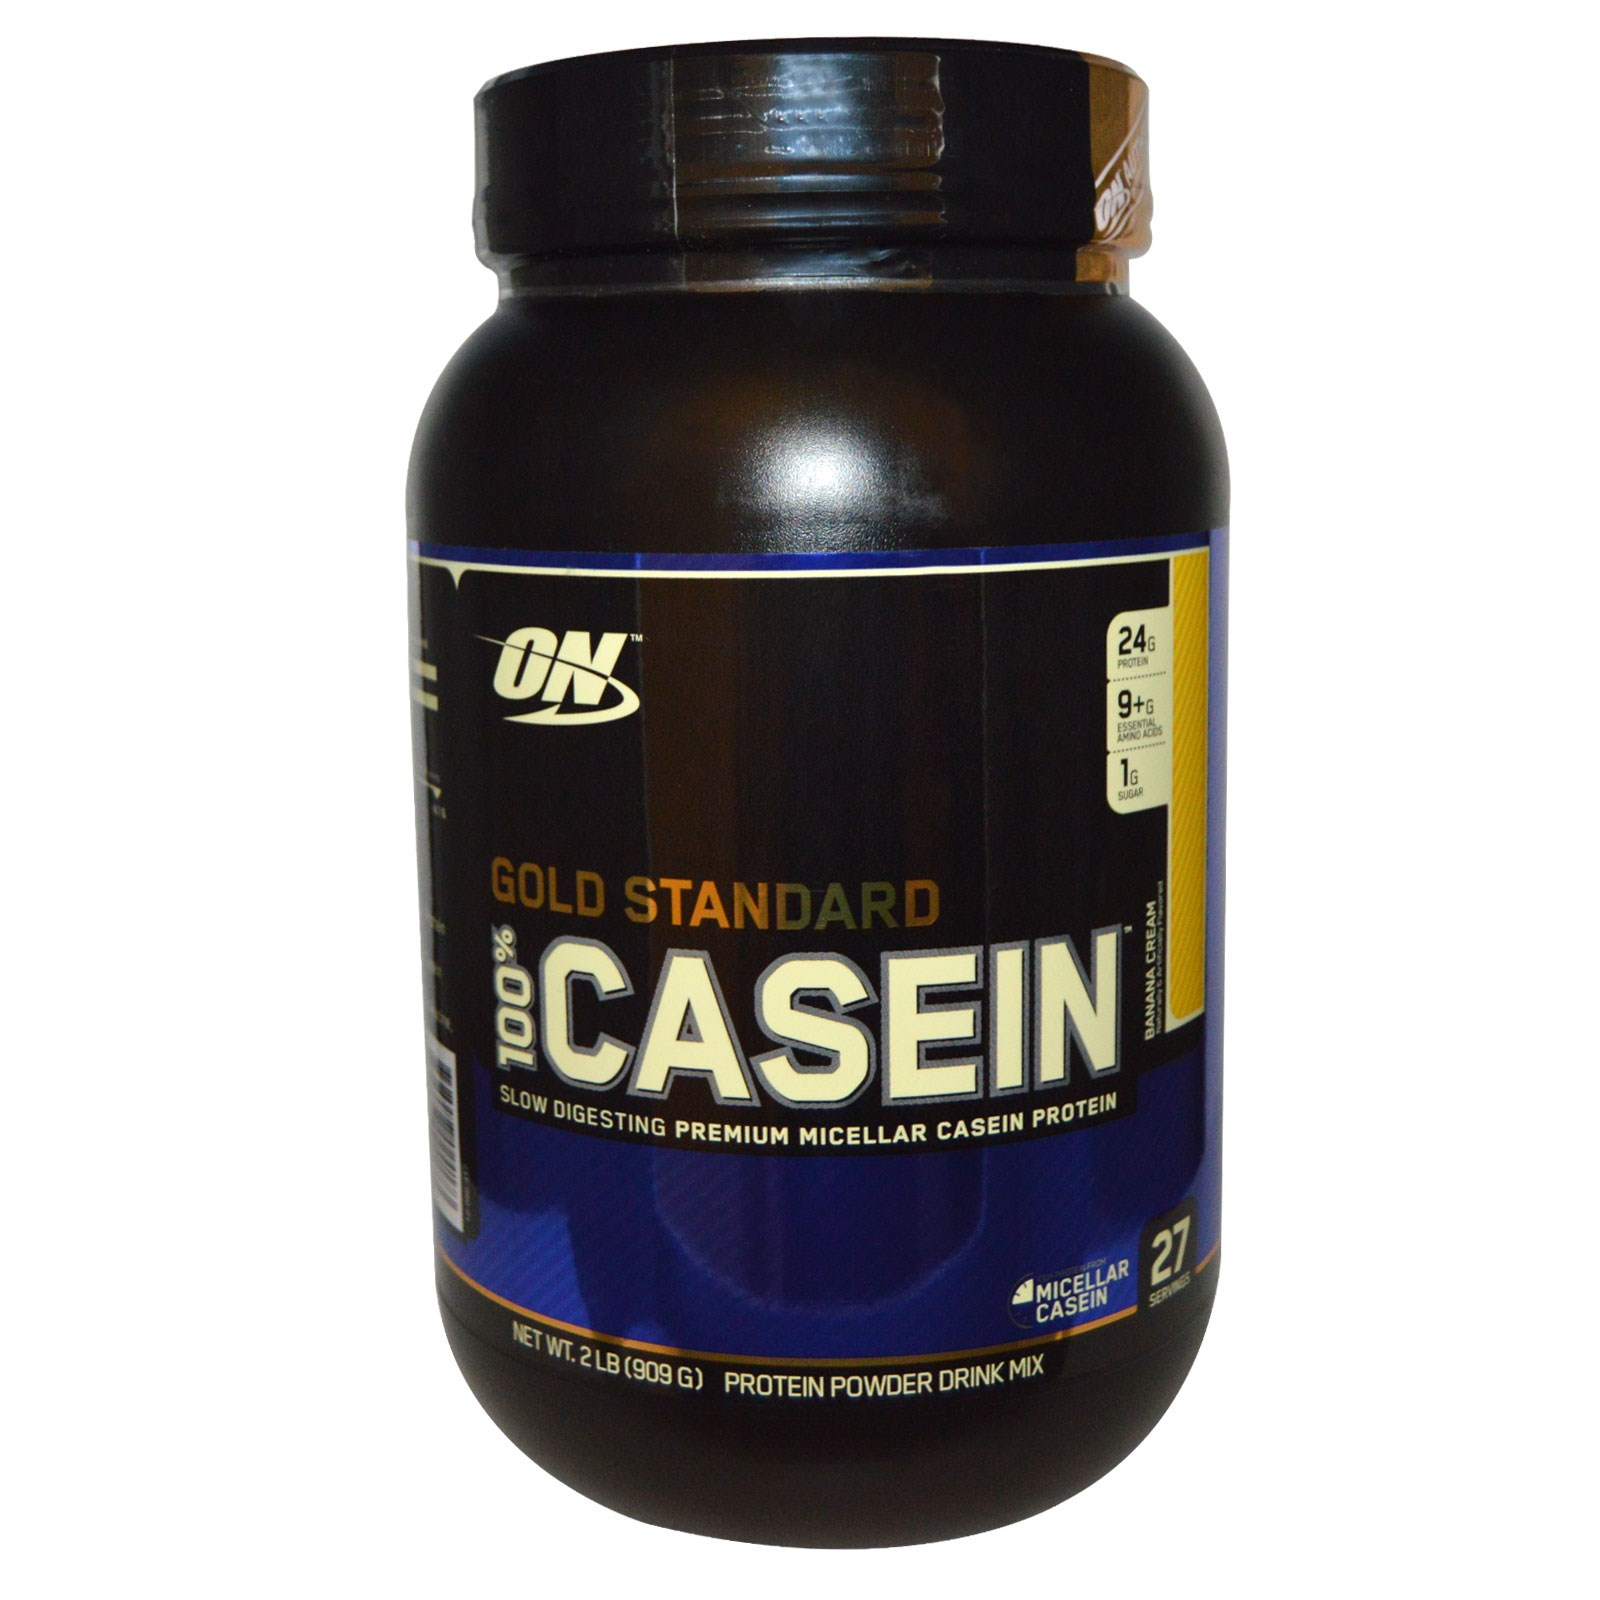 Gold standard casein protein powder